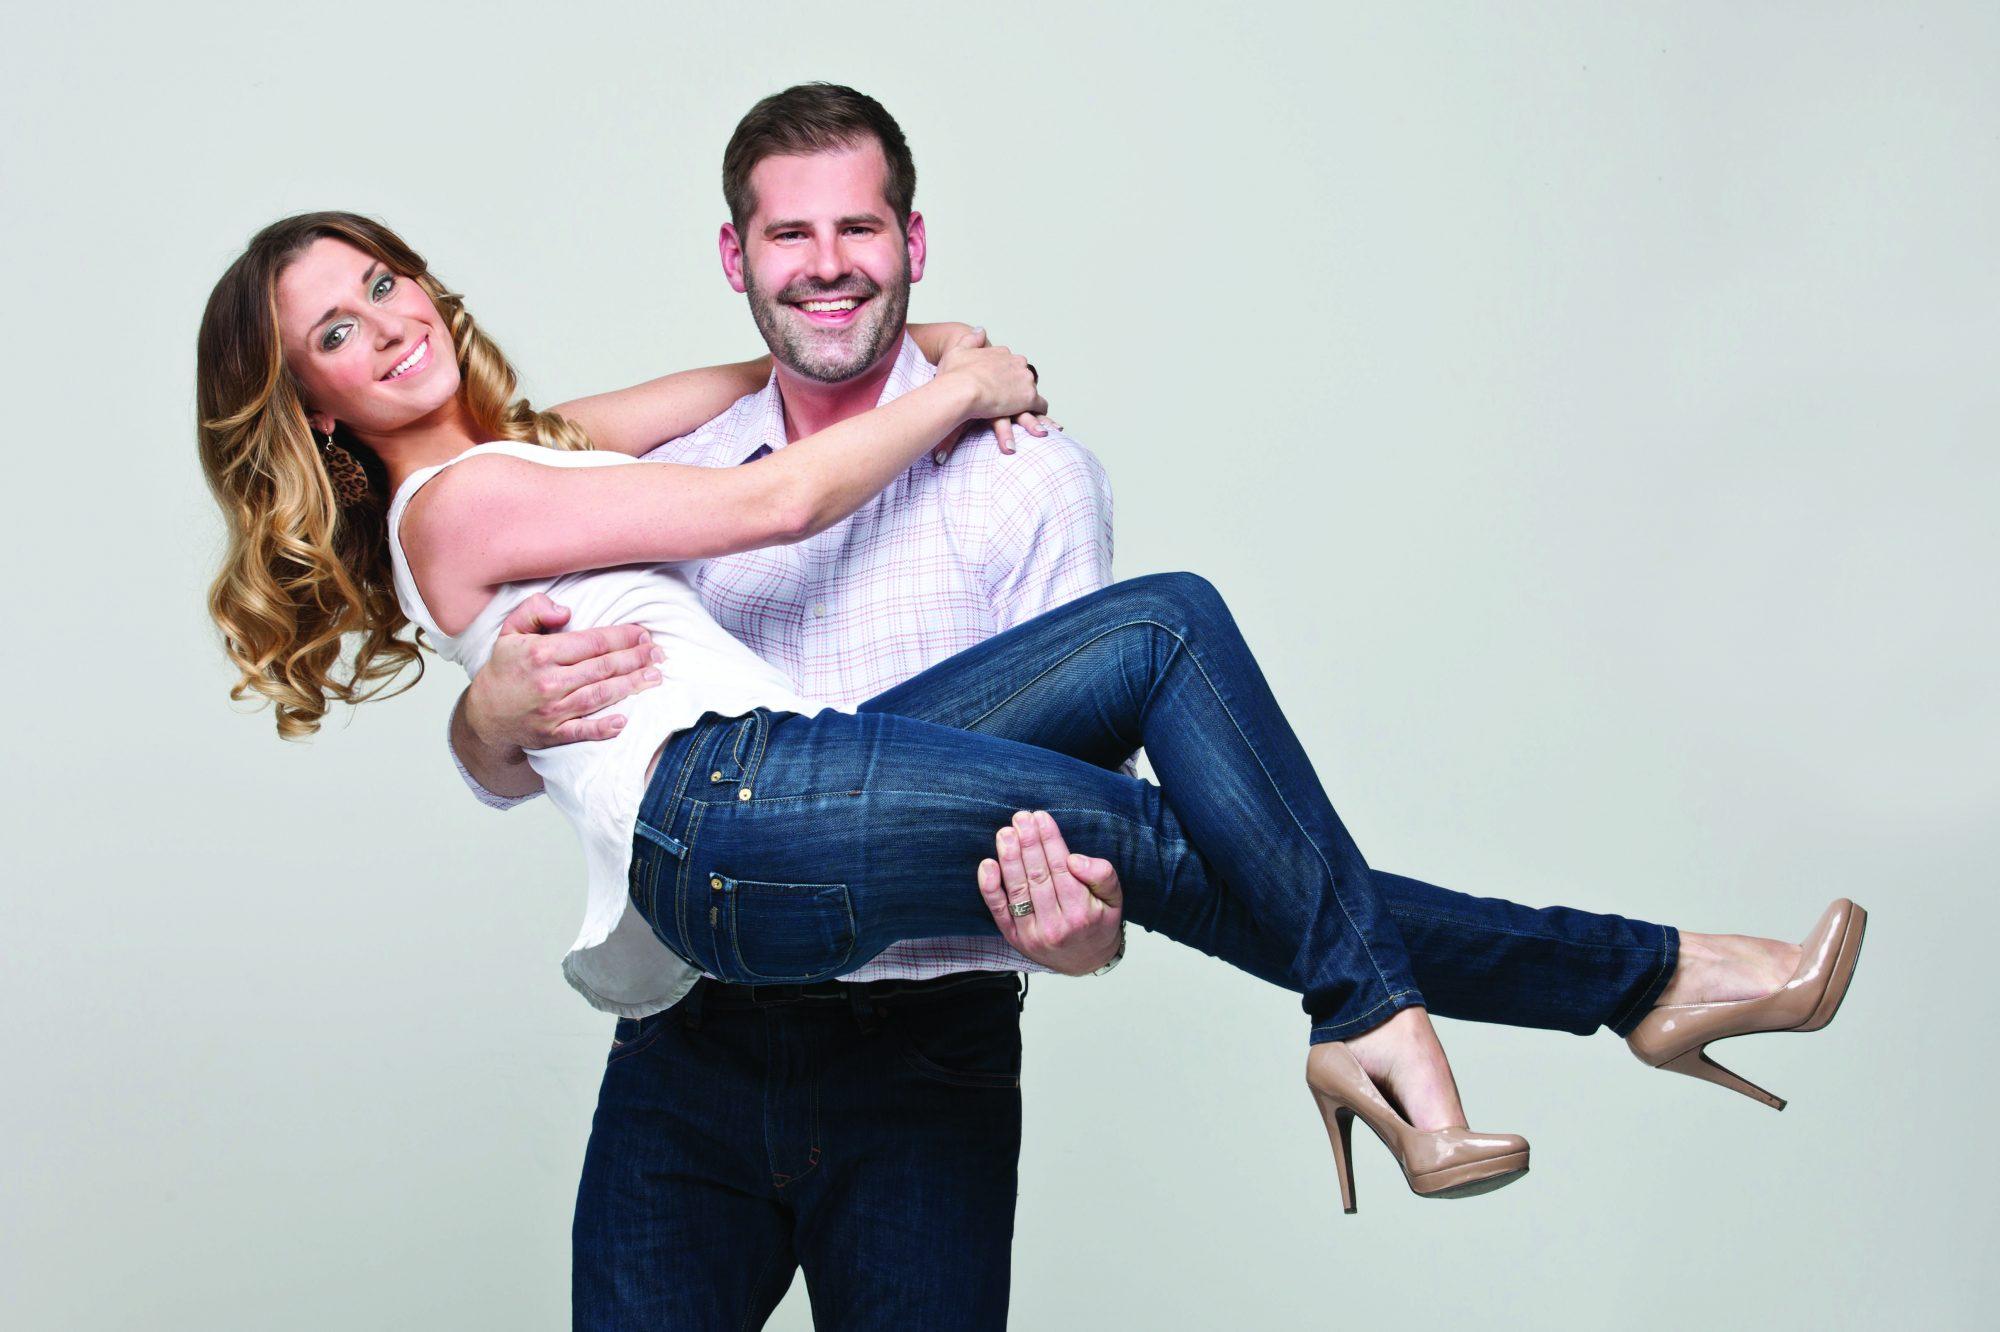 Ryan Jespersen and Kari Skelton